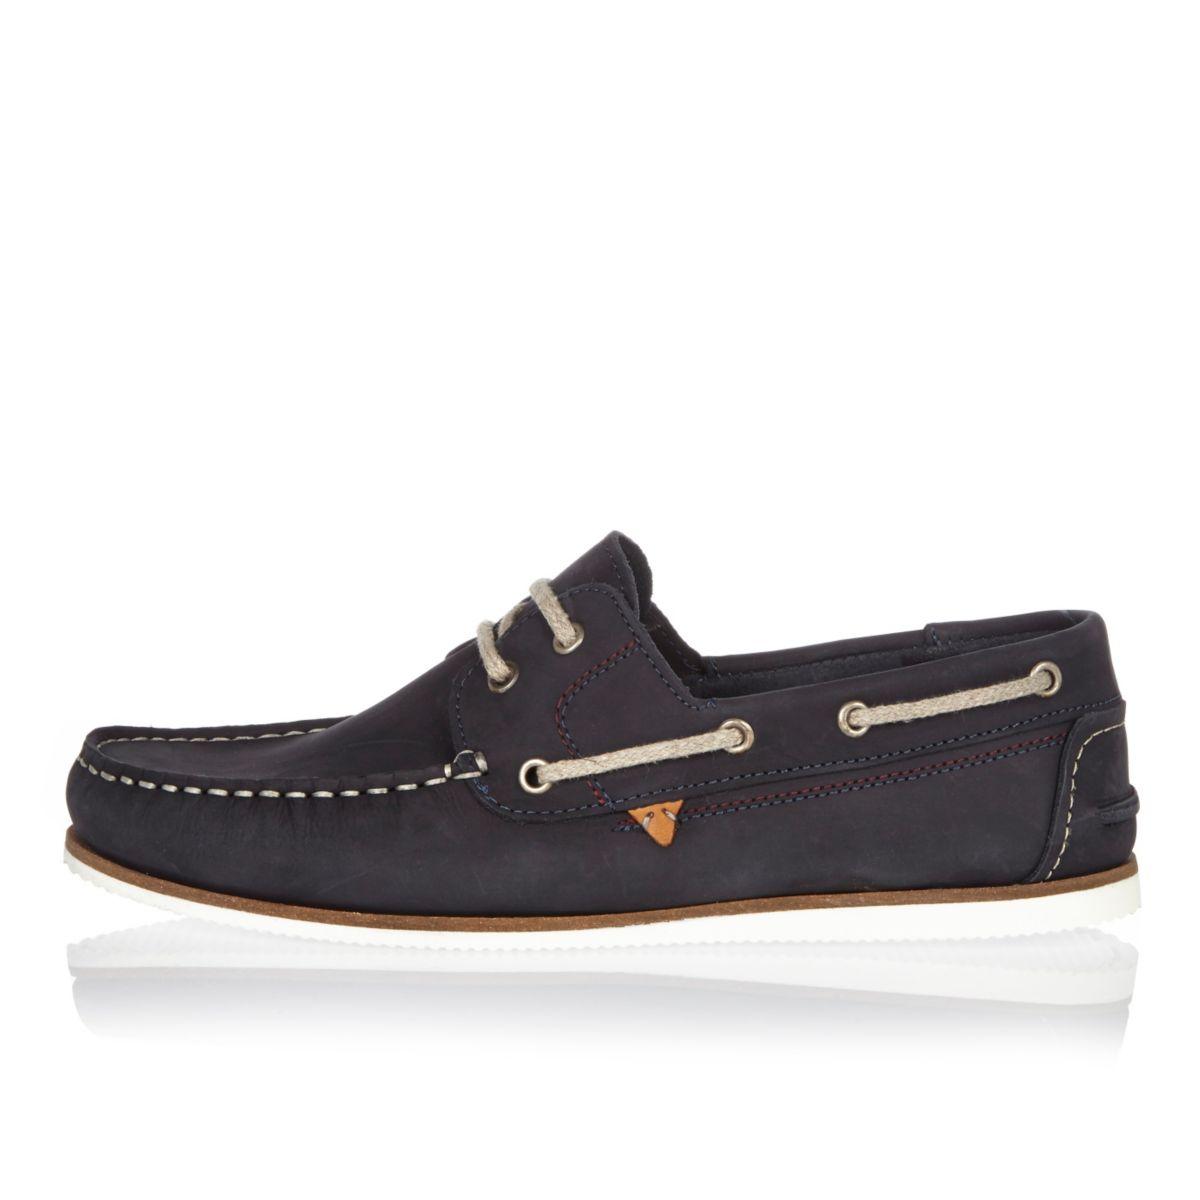 River Lsland Black Friday Shoes